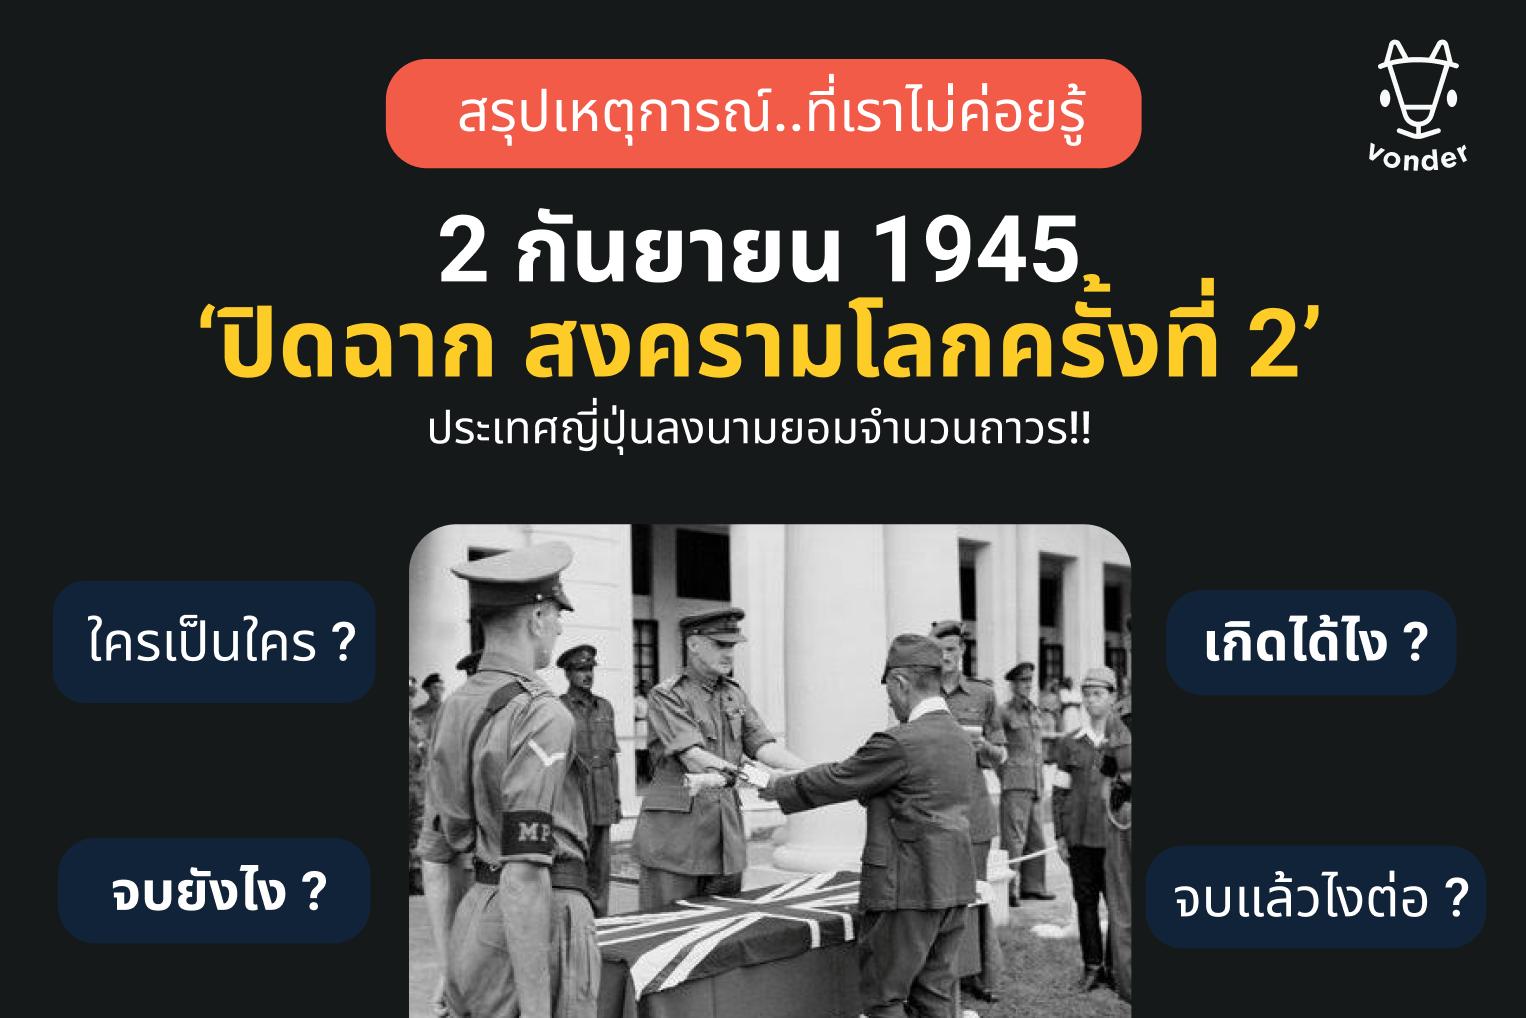 ภาพประกอบไอเดีย #เล่ายังไงดี ให้นร.เข้าใจสงครามโลก ครั้งที่ 2